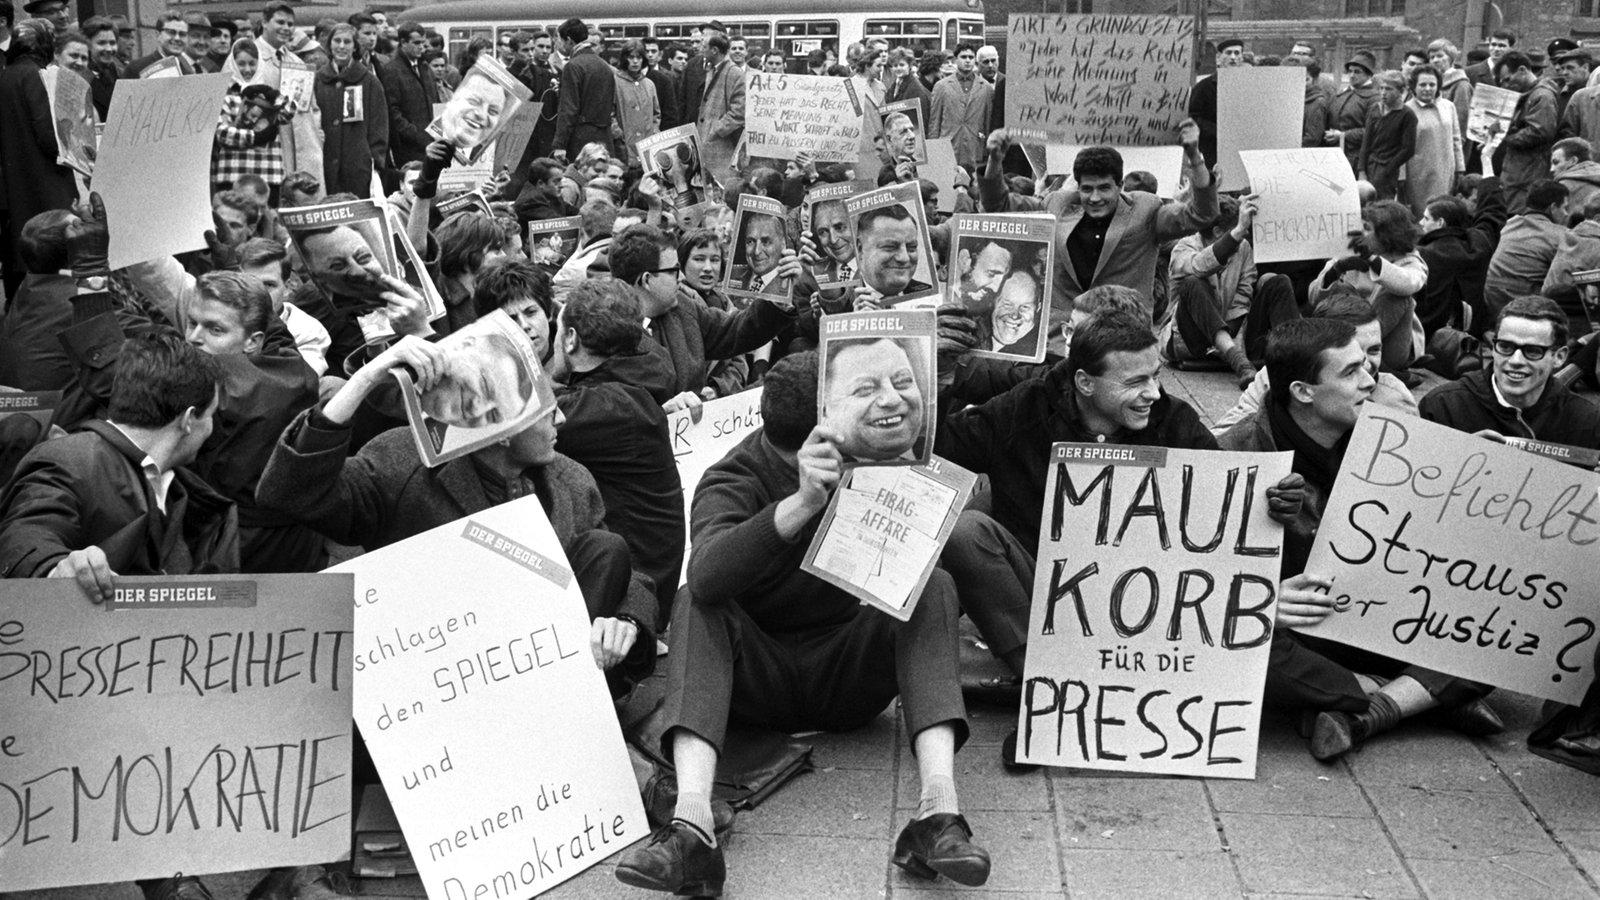 Politische skandale spiegel aff re deutsche geschichte for Der spiegel redakteure